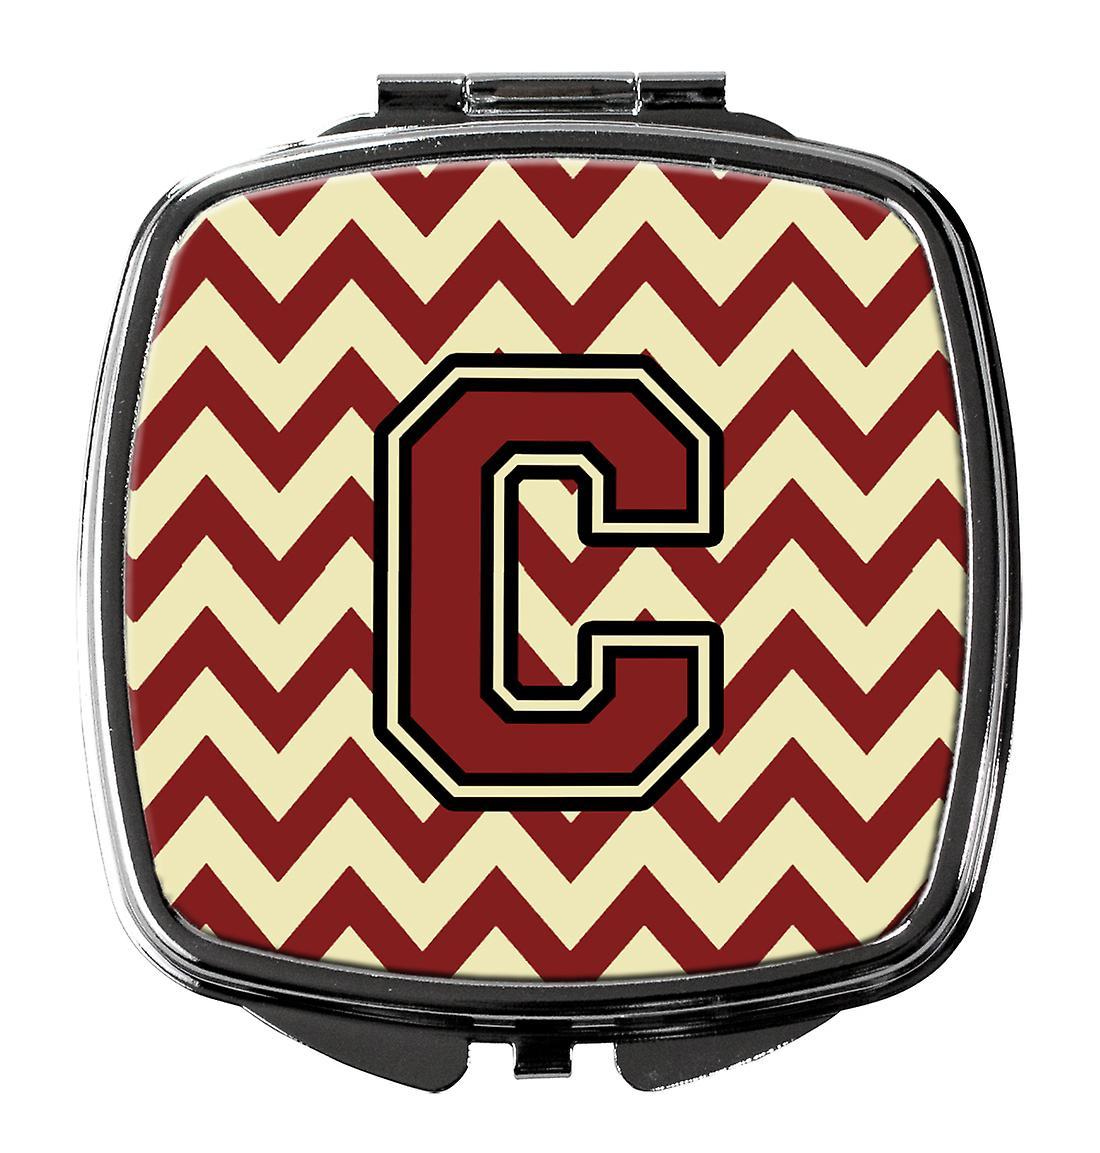 Et Chevron Miroir Lettre C Carolines Cj1061 Marron Or Trésors cscm Compact dxWrCoeB